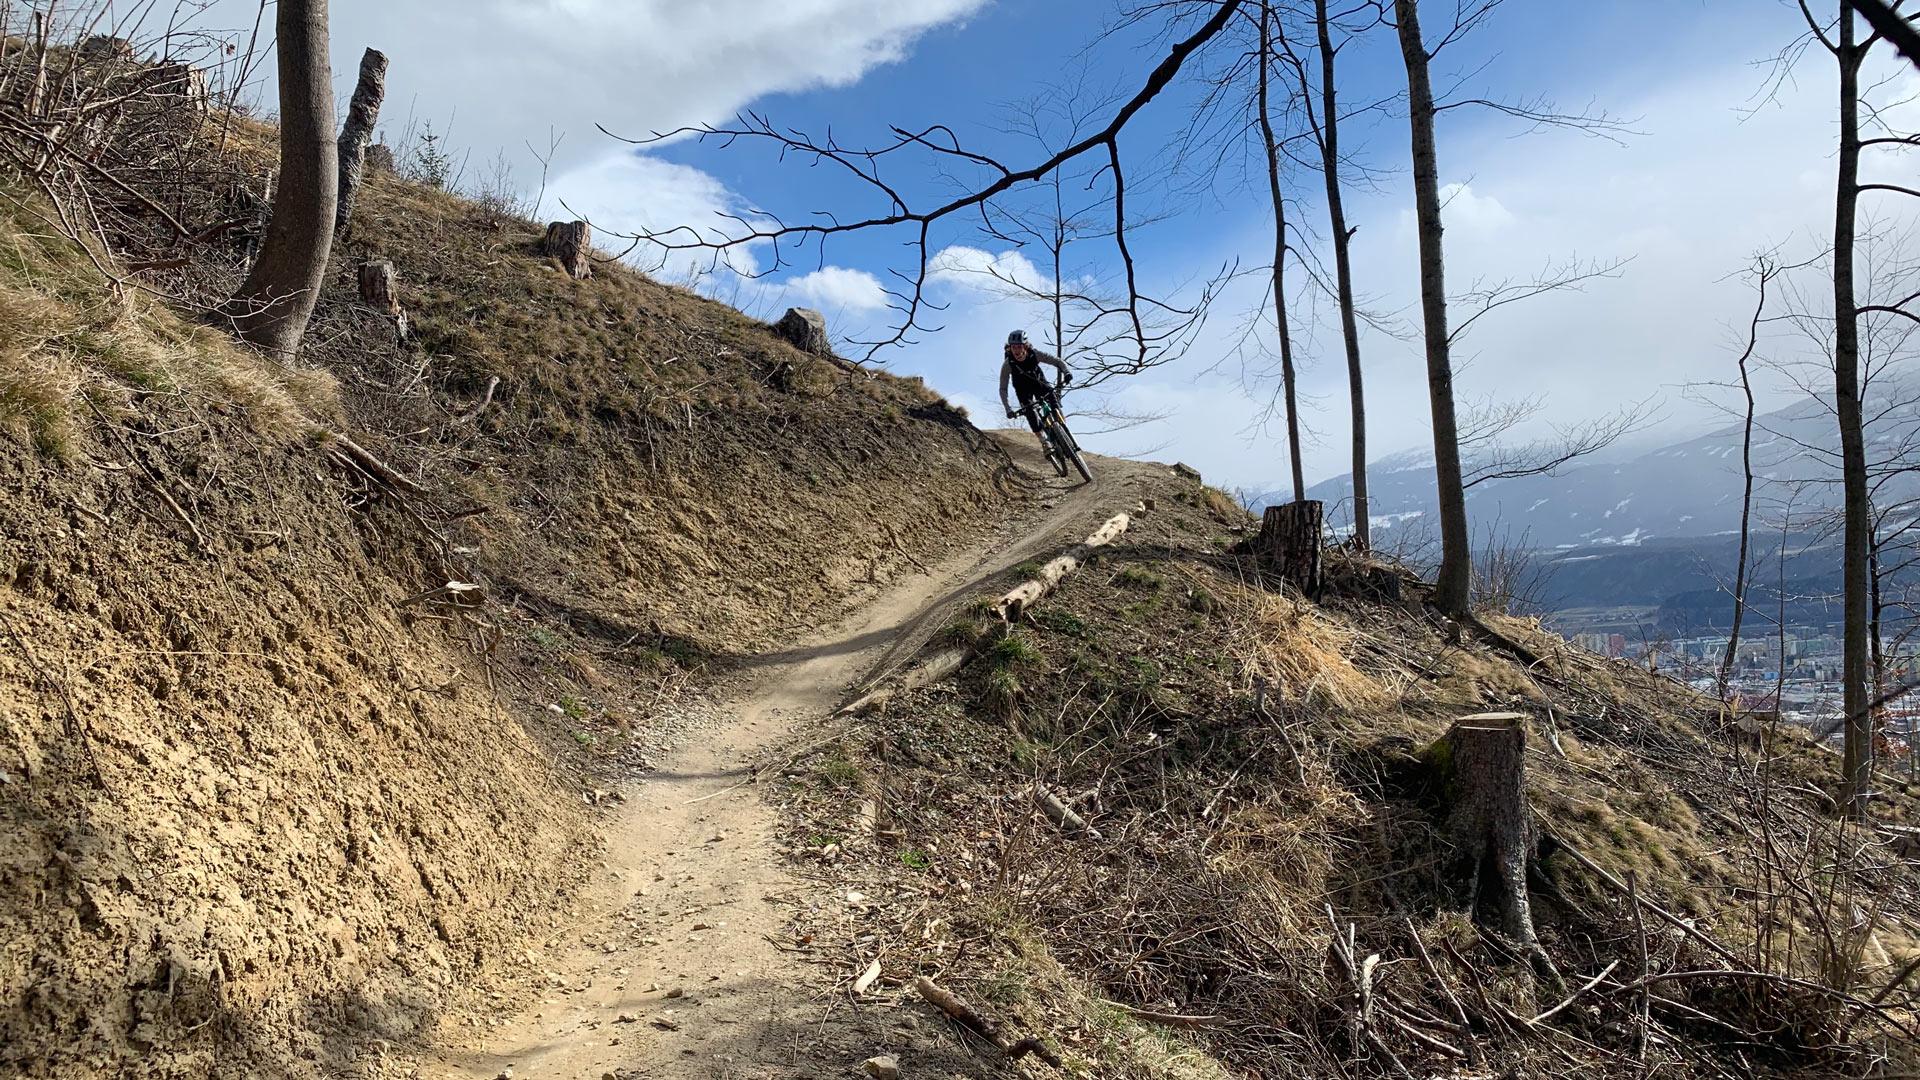 Atemberaubender Ausblick und anspruchsvolle Downhill-Strecken in Saalach-Hinterglemm